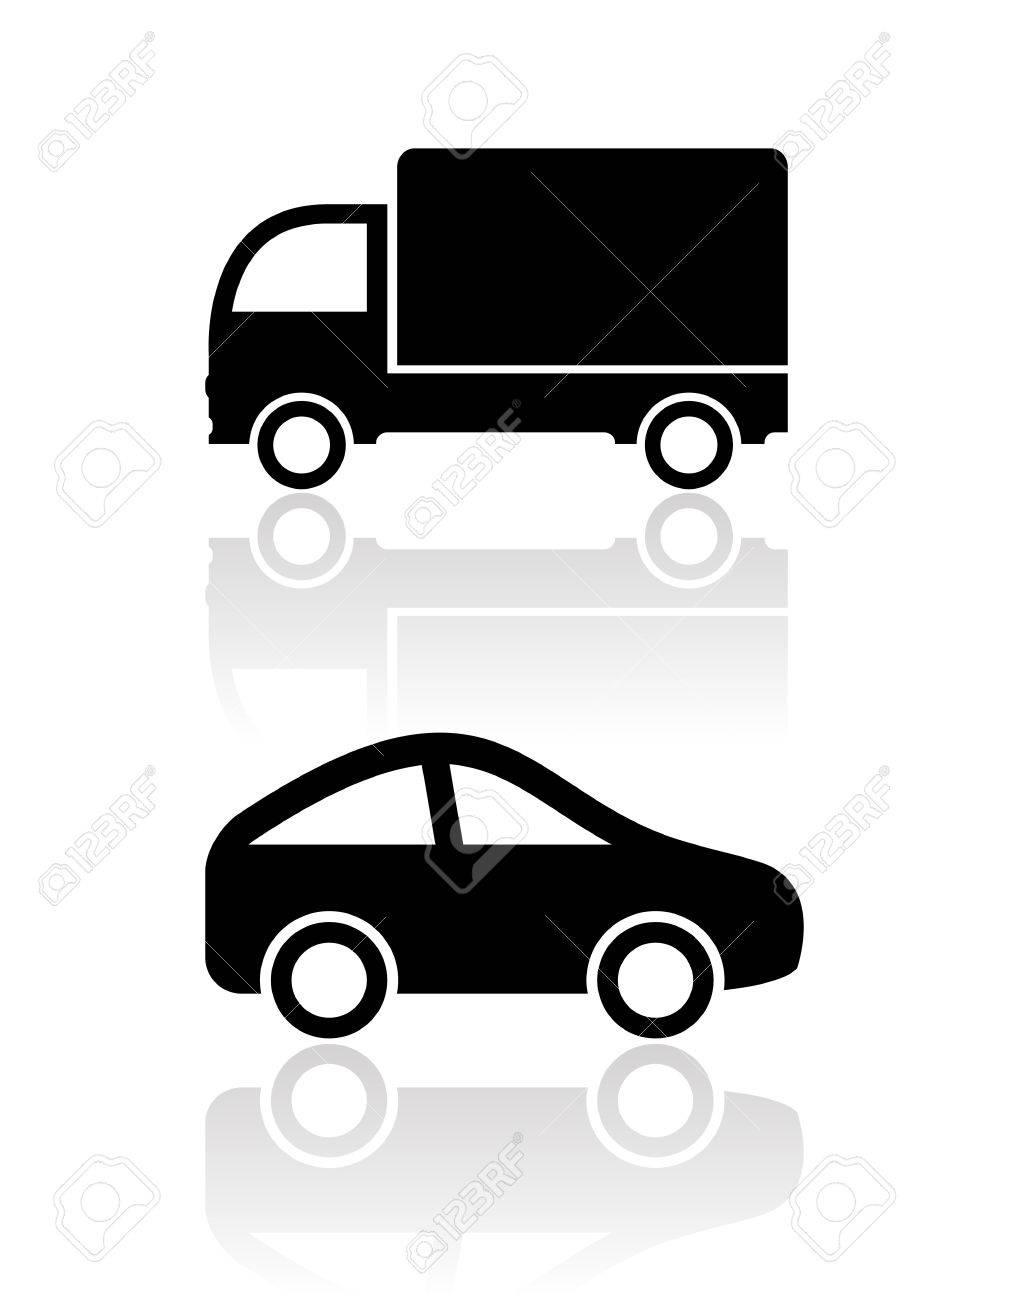 Car icons, clip art Stock Vector - 18954869